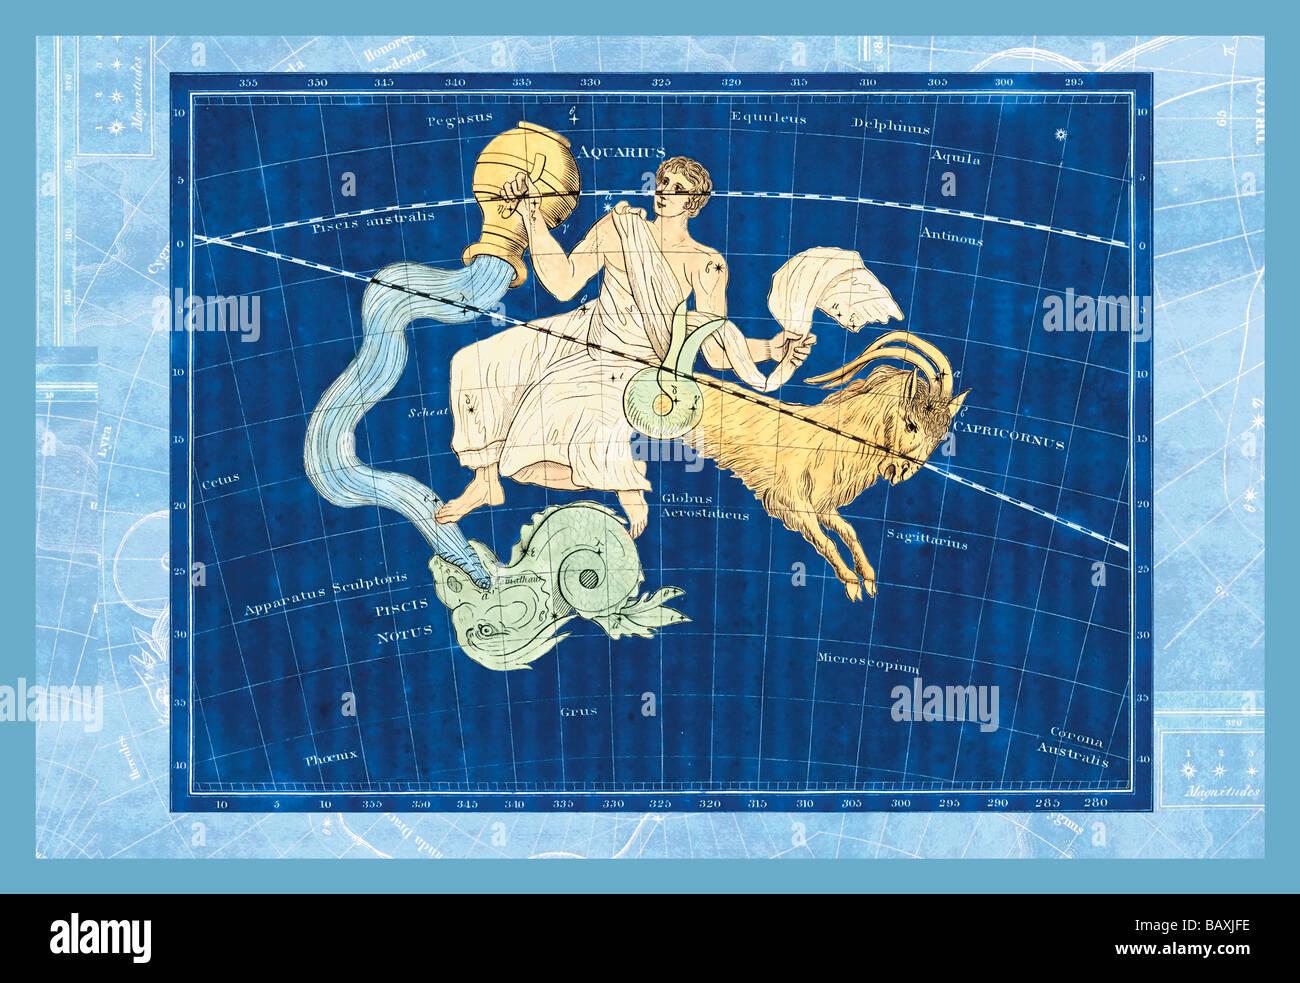 Capricorn and Aquarius #1 - Stock Image